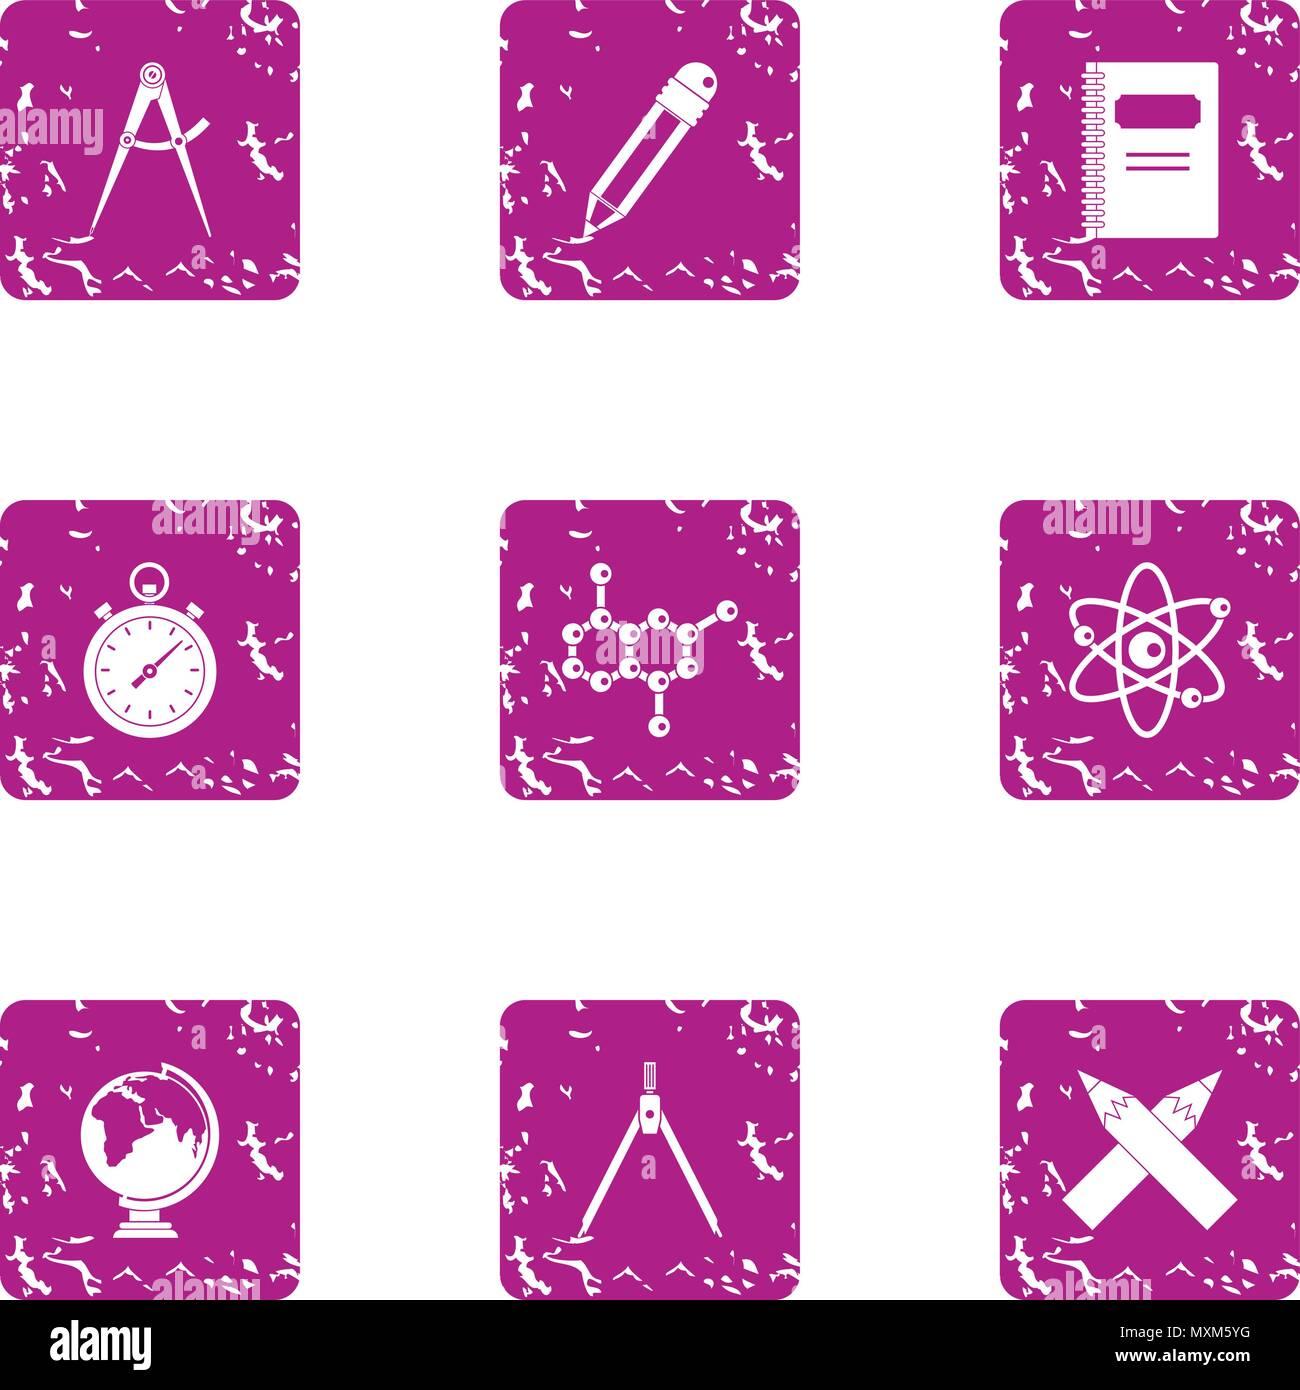 Microcosmo set di icone, stile grunge Immagini Stock